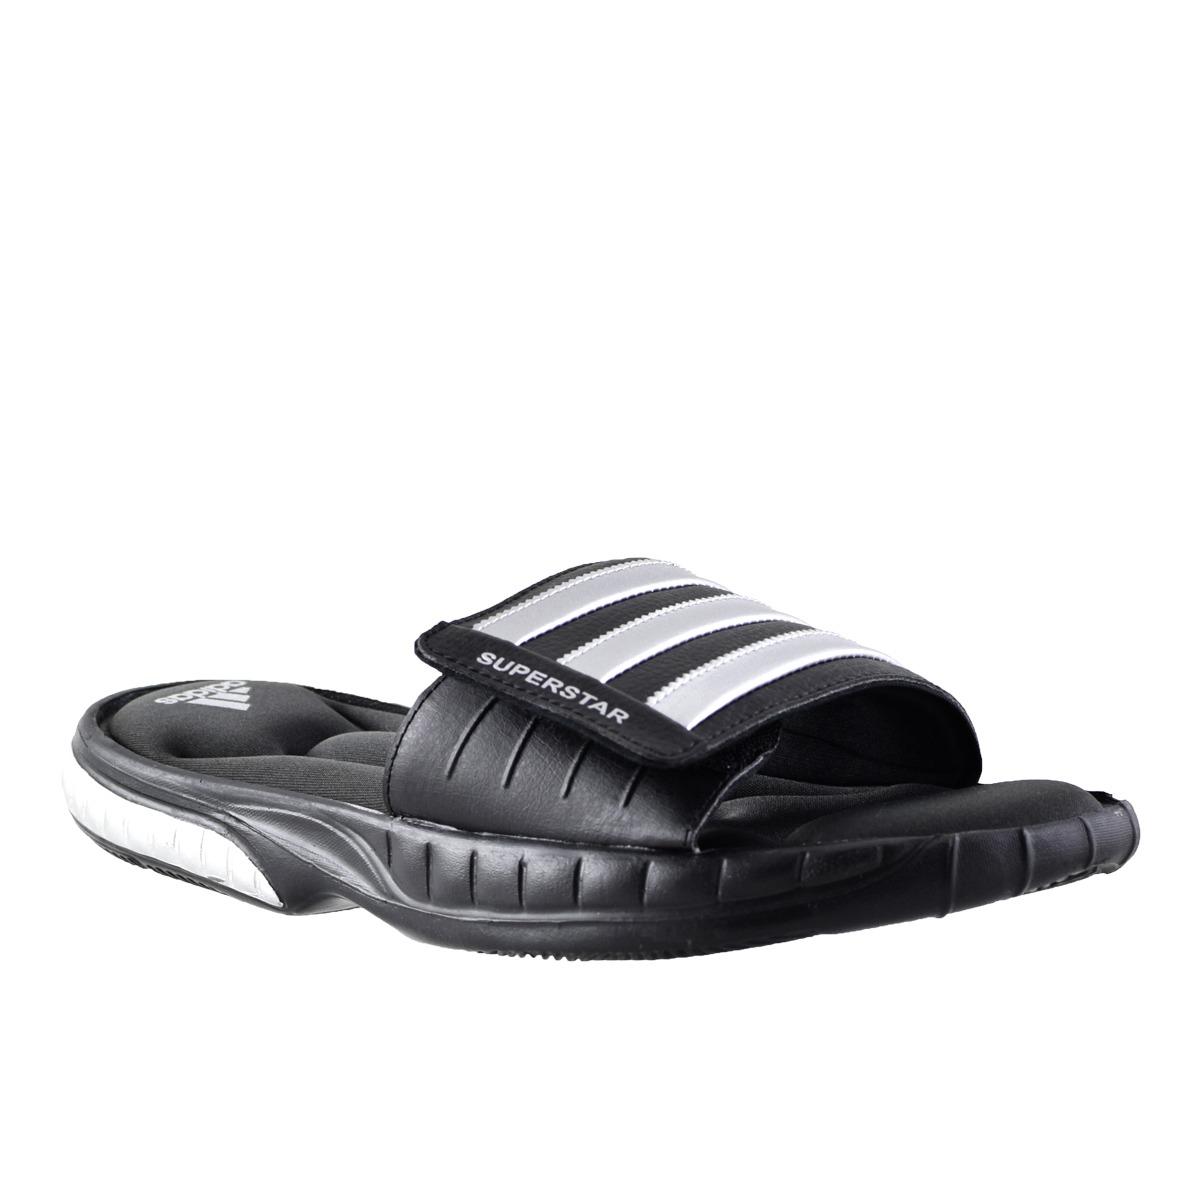 cheap for discount bba3c eec4e chinela adidas superstar 3g hombre negro. Cargando zoom.